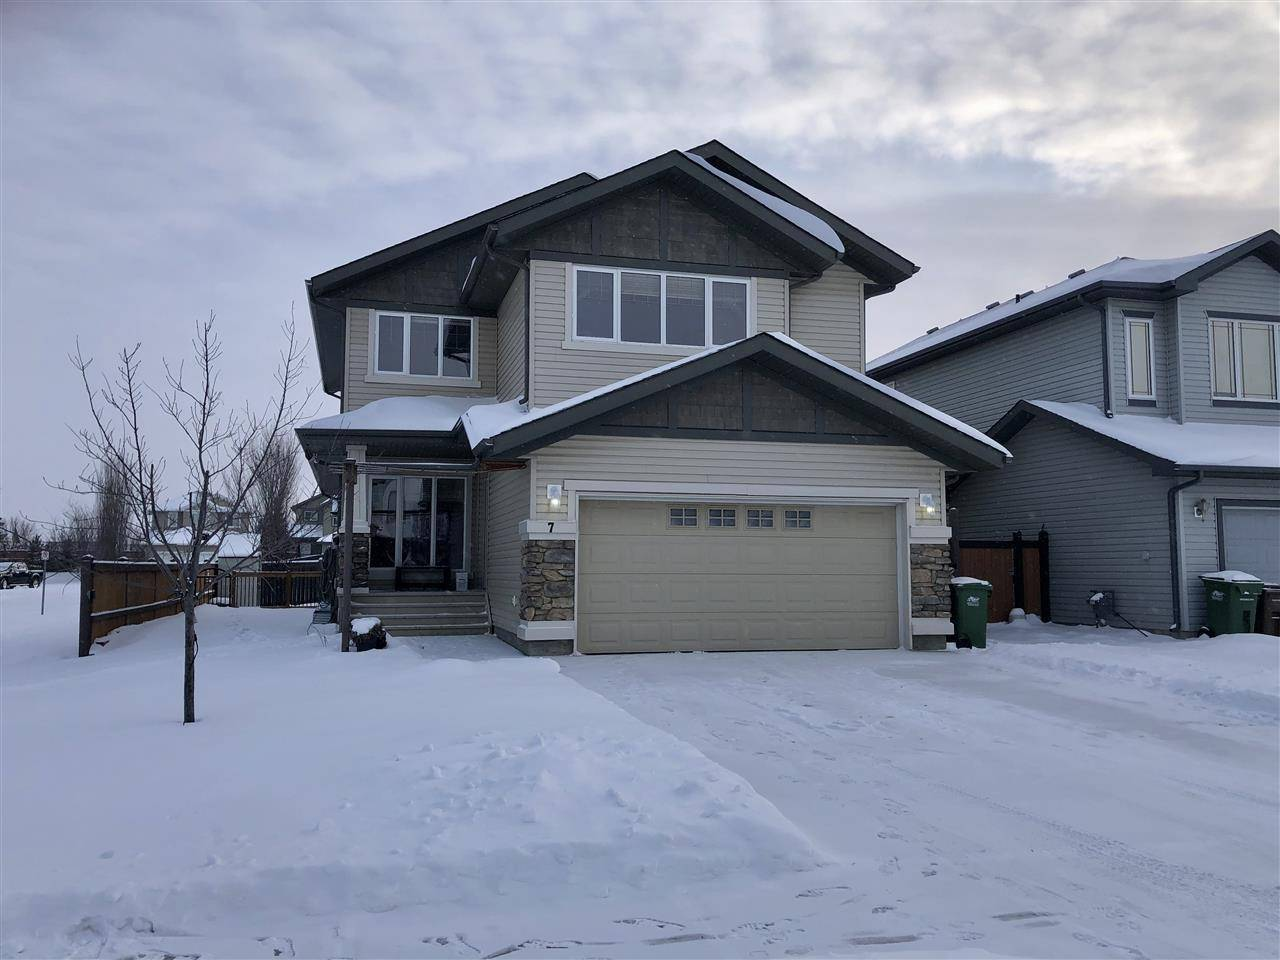 House for sale at 7 Northstar Cs St. Albert Alberta - MLS: E4183987